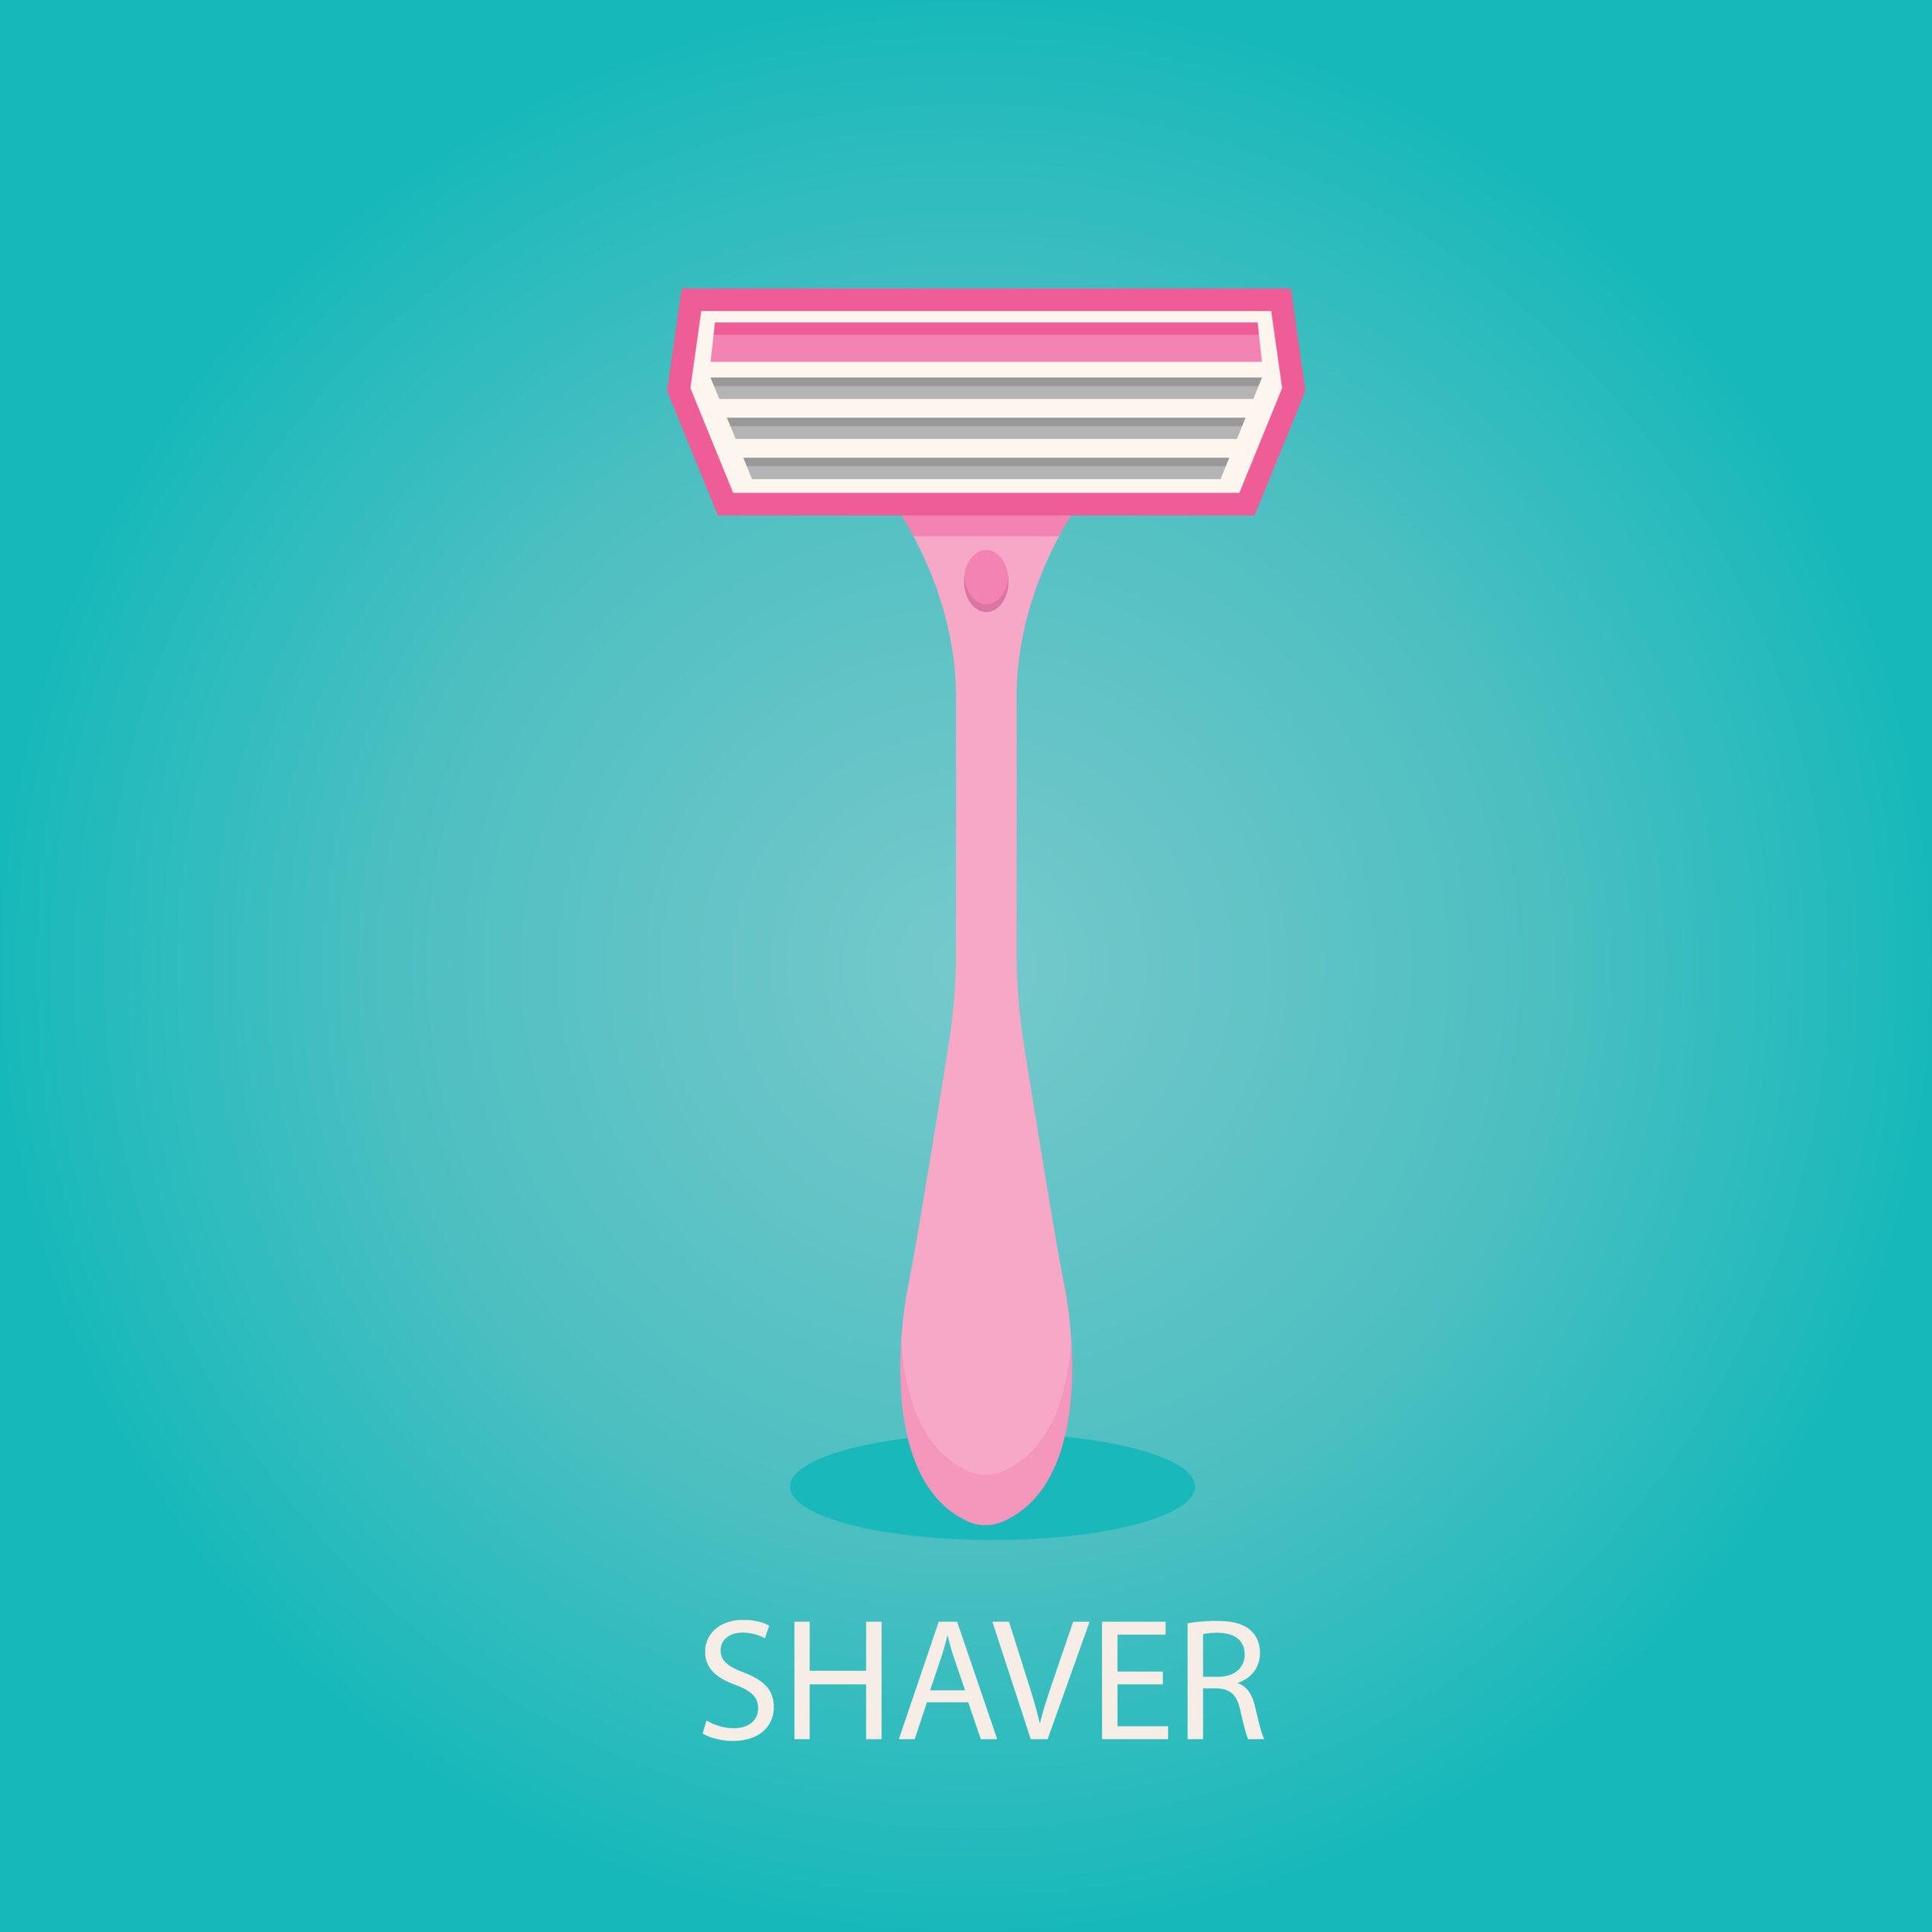 正しい剃り方